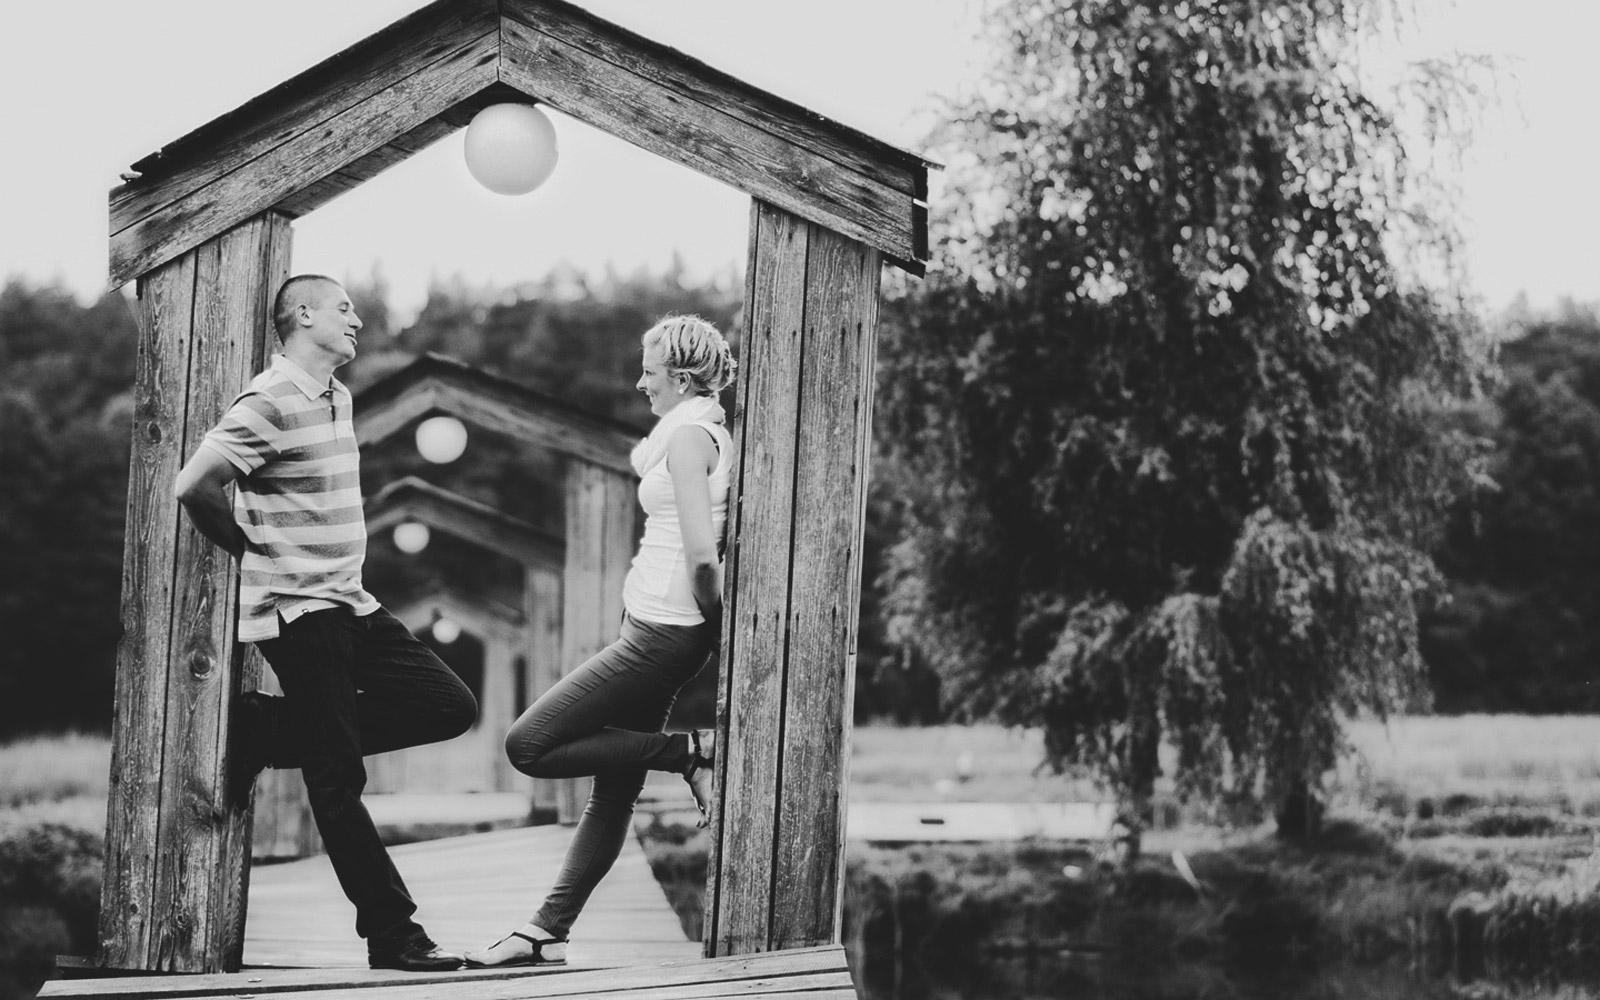 fotografia-slubna_paparazzo-pl_wd-07